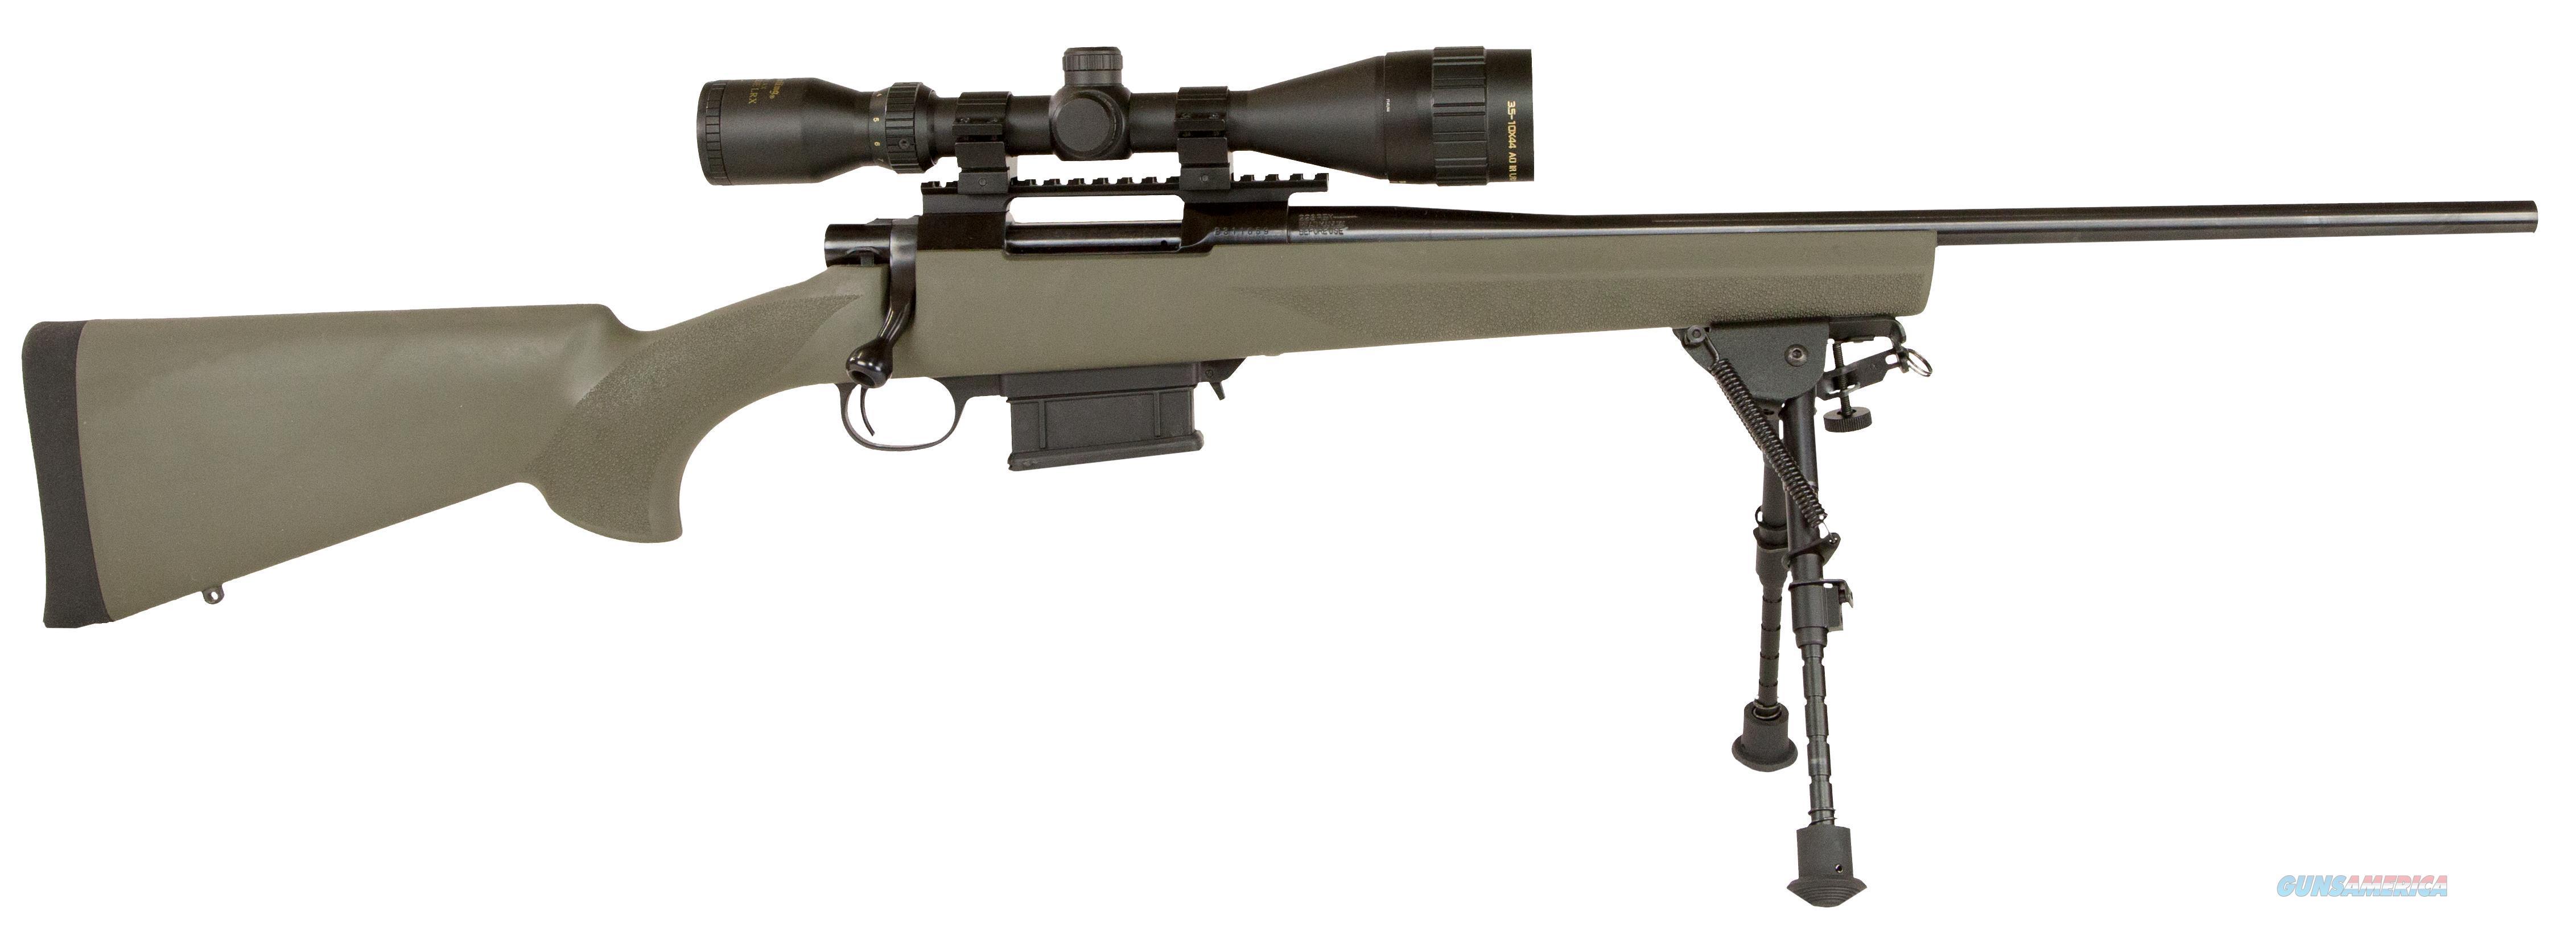 """Howa Hgk36107bp Hogue Gameking Scope Package Bolt 223 Remington 20"""" 10+1 Hogue Overmolded Green Stk Blued HGK36107BP  Guns > Rifles > H Misc Rifles"""